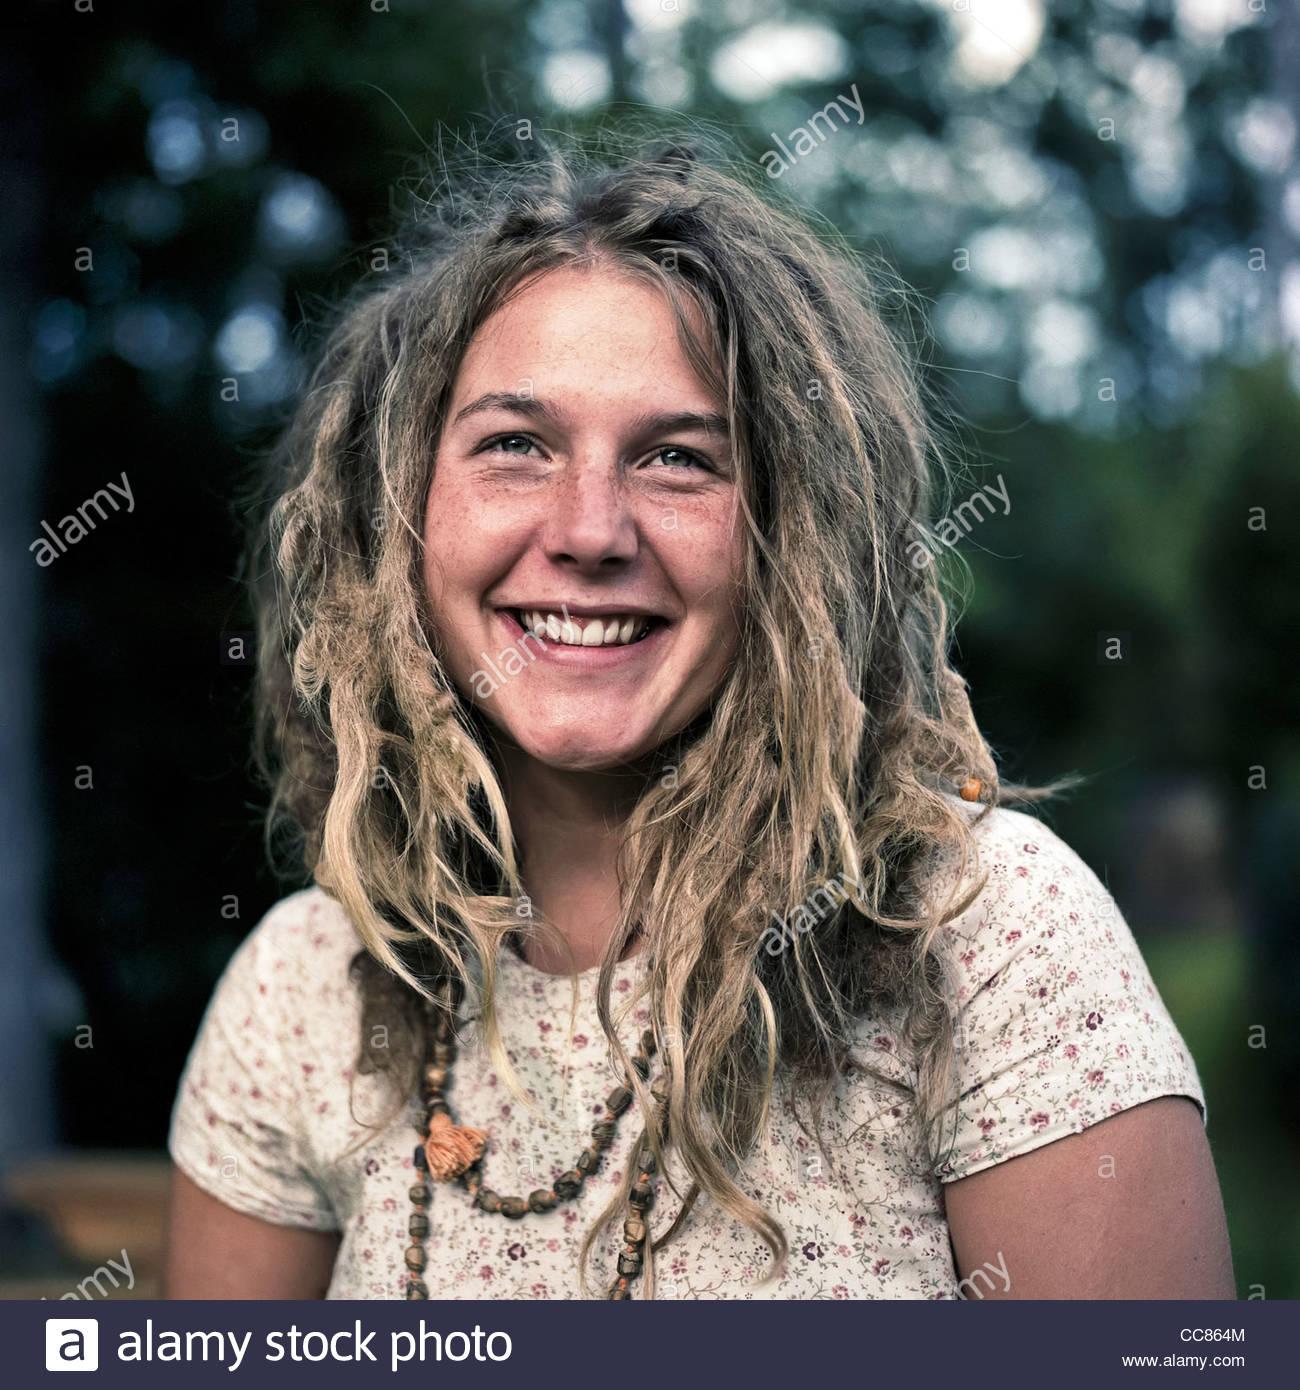 Mujer sonriente con dreadlocks Imagen De Stock